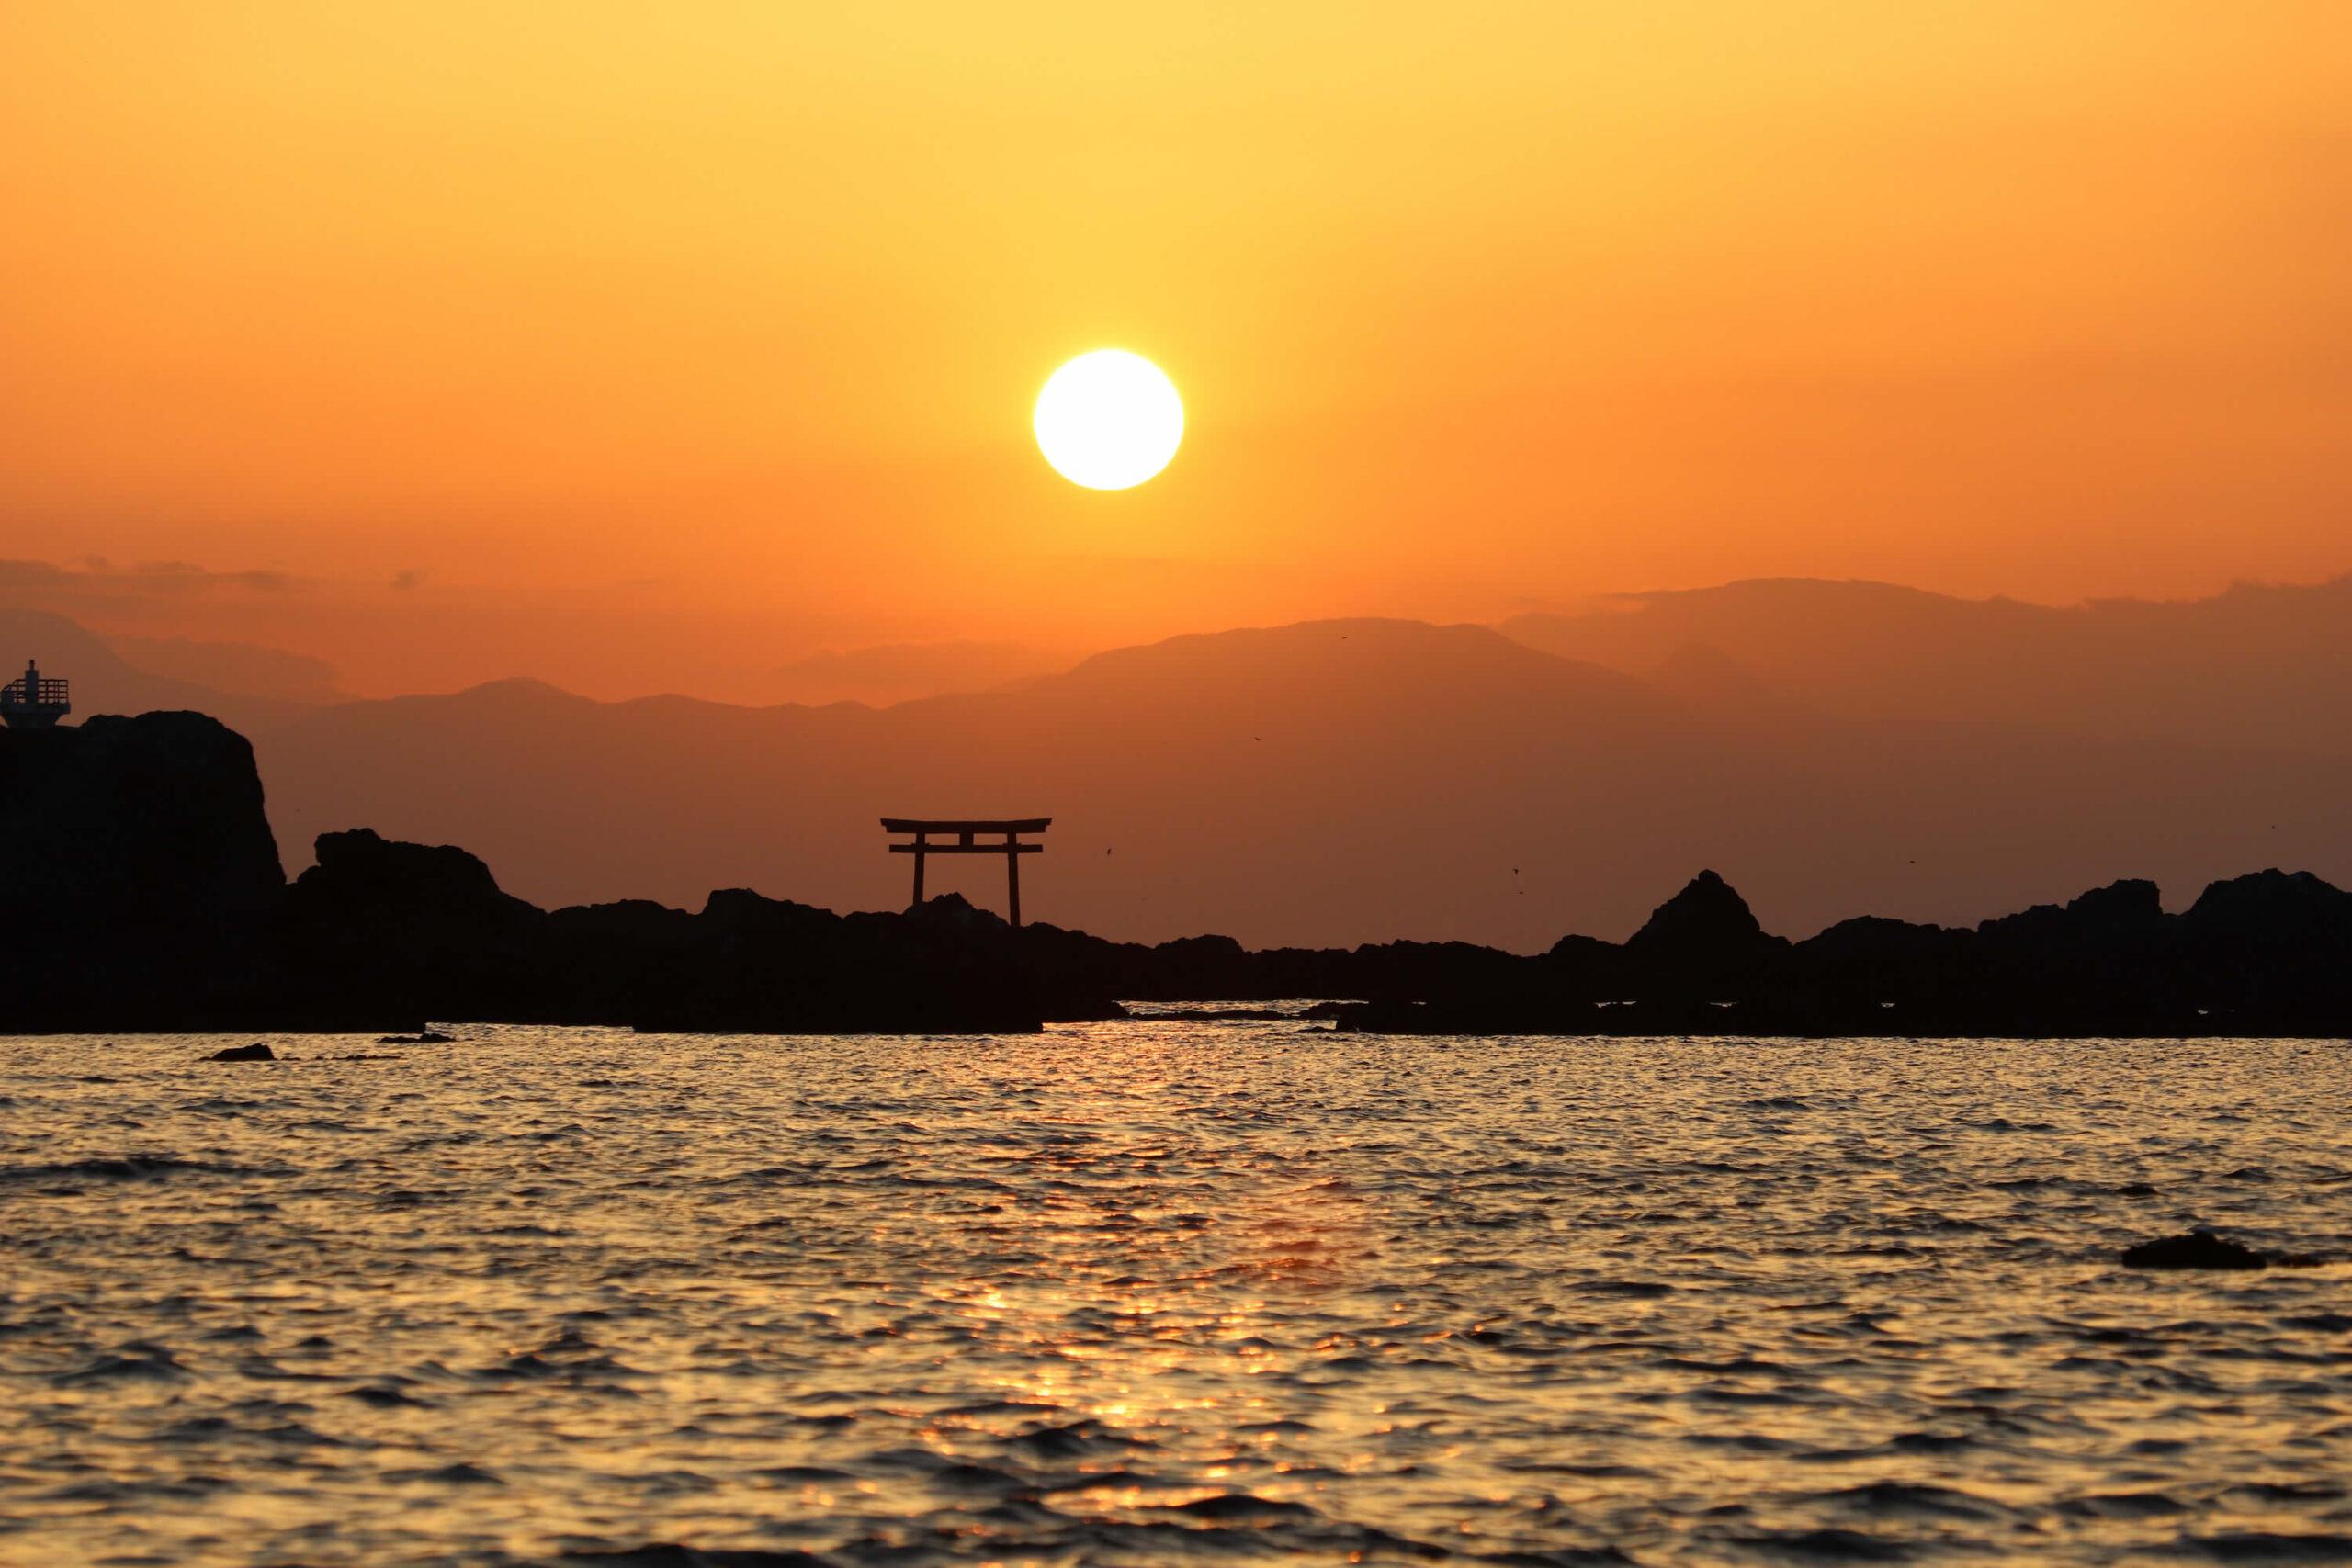 真名瀬海岸から見る名島(菜島)の鳥居